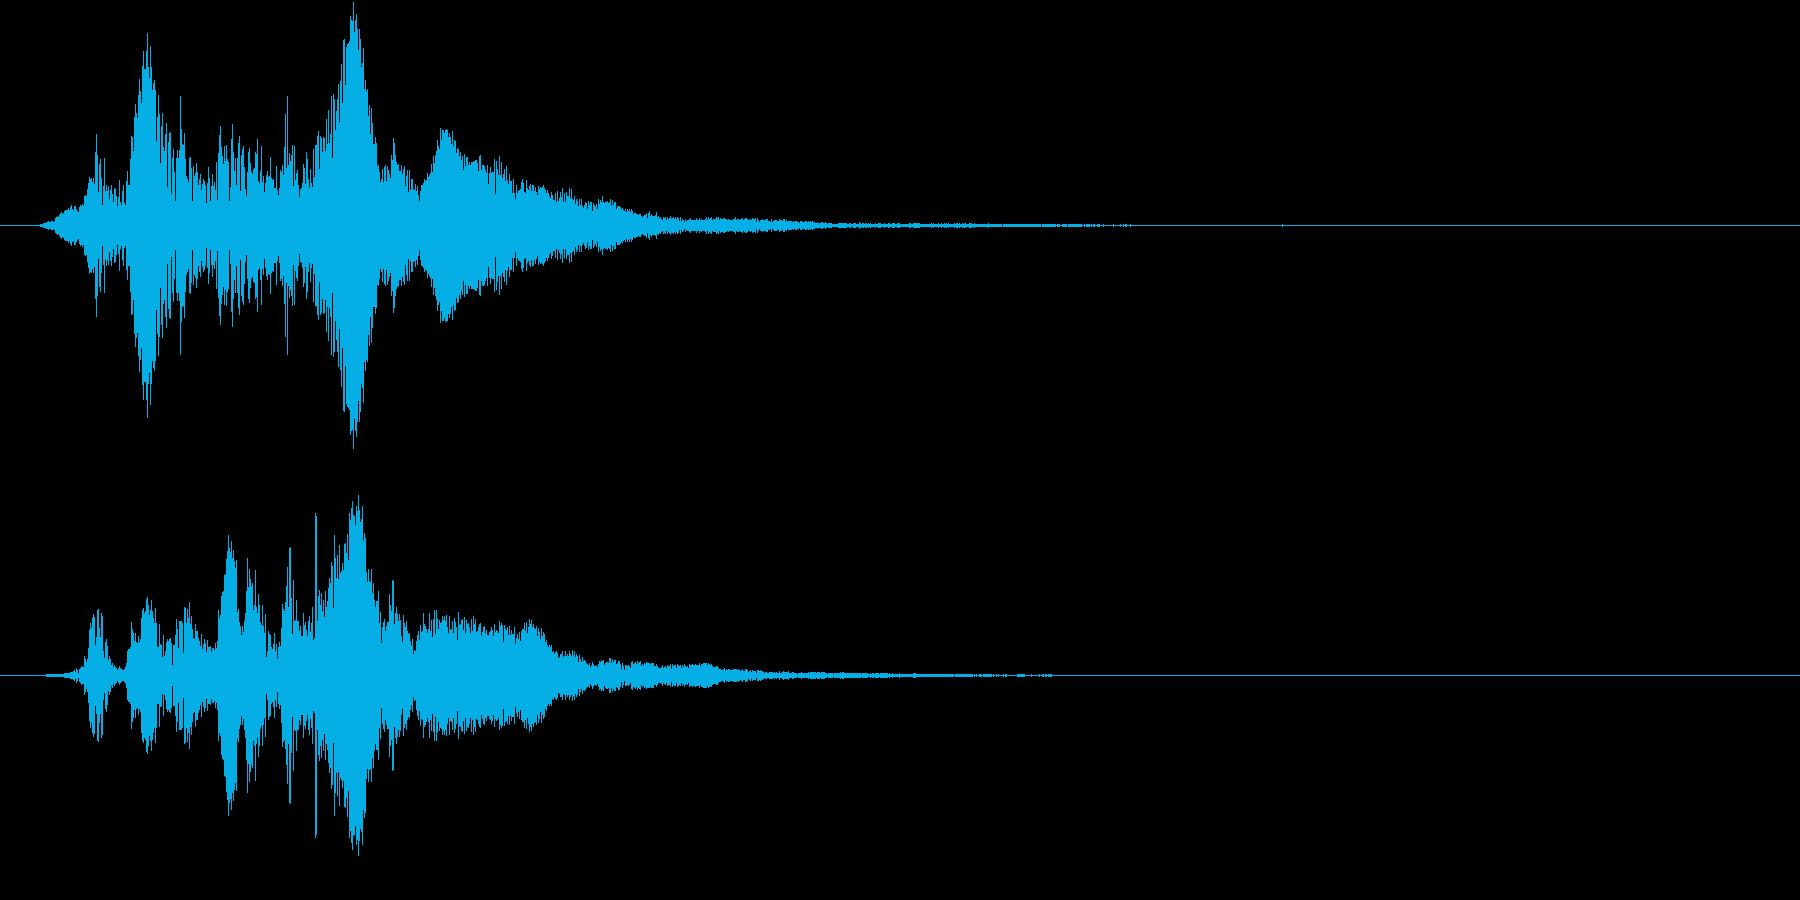 決定音1の再生済みの波形